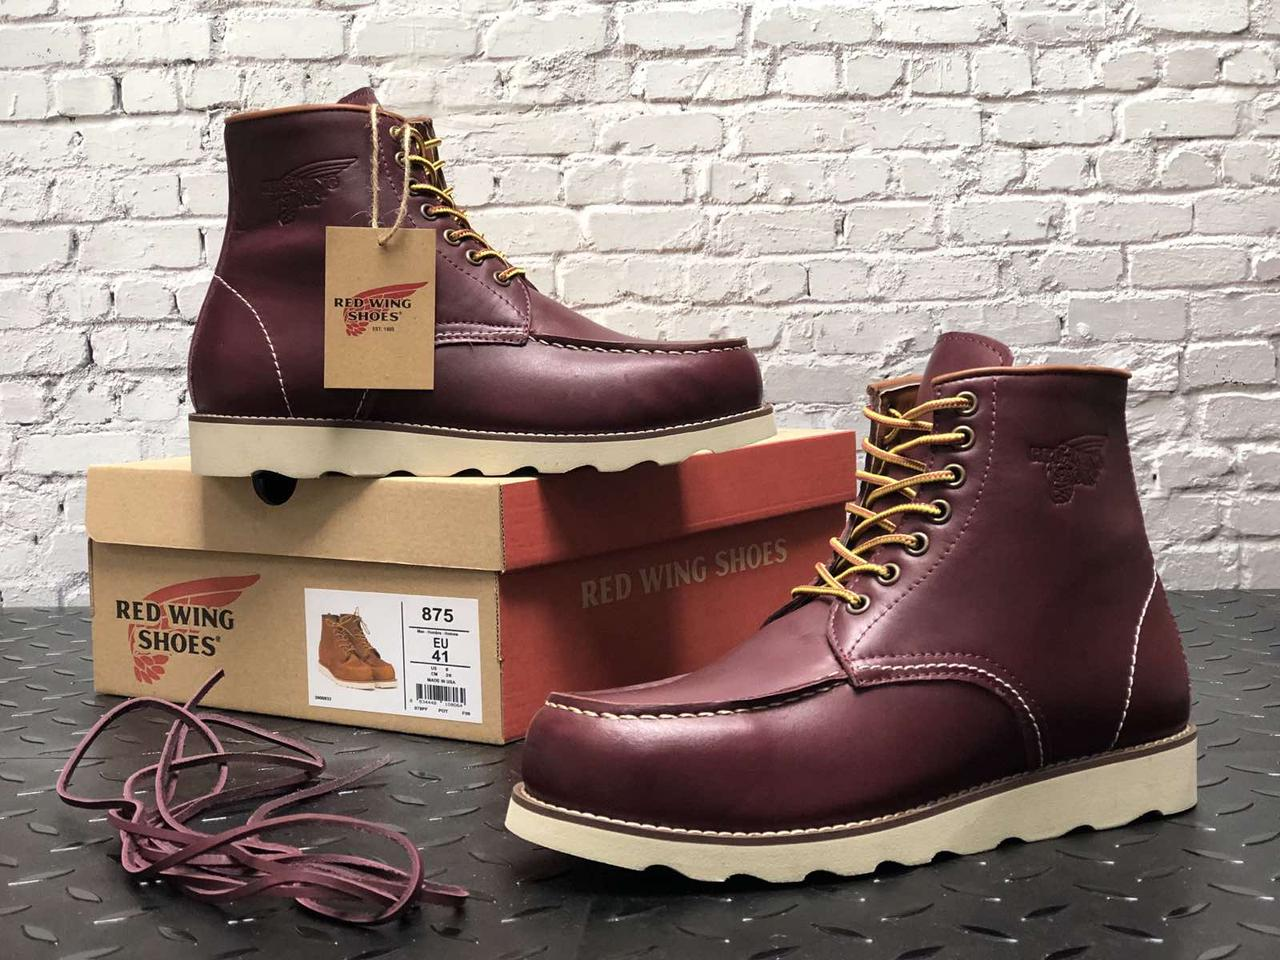 Мужские ботинки Red Wing Shoes осень-зима, зимние ботинки ред винг, осенние ботинки Red Wing Classic